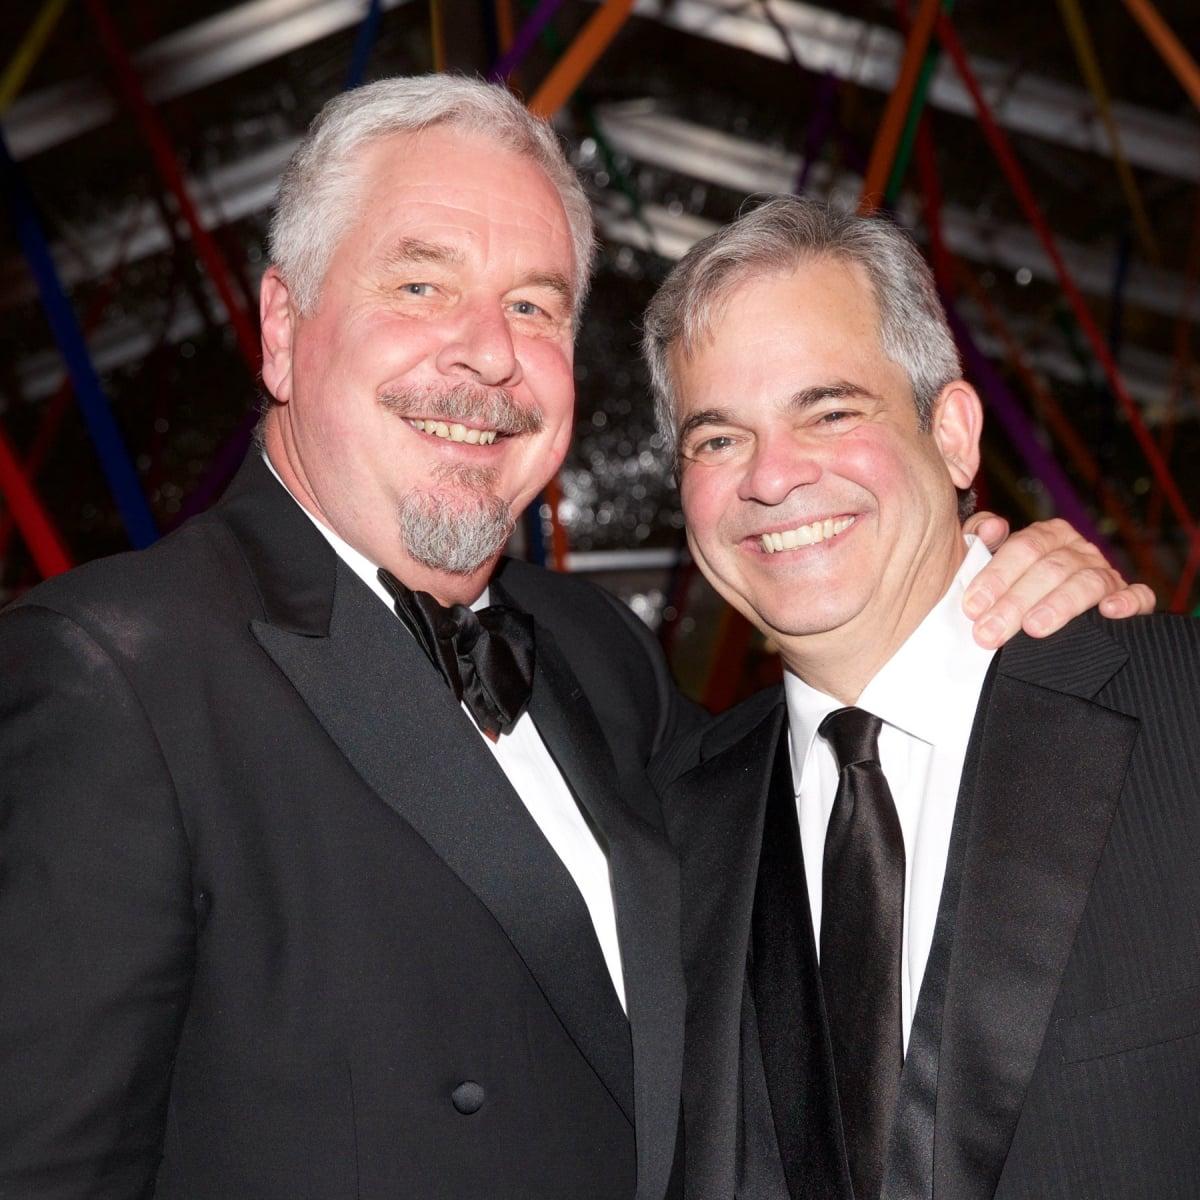 Jack Shear and Steve Adler